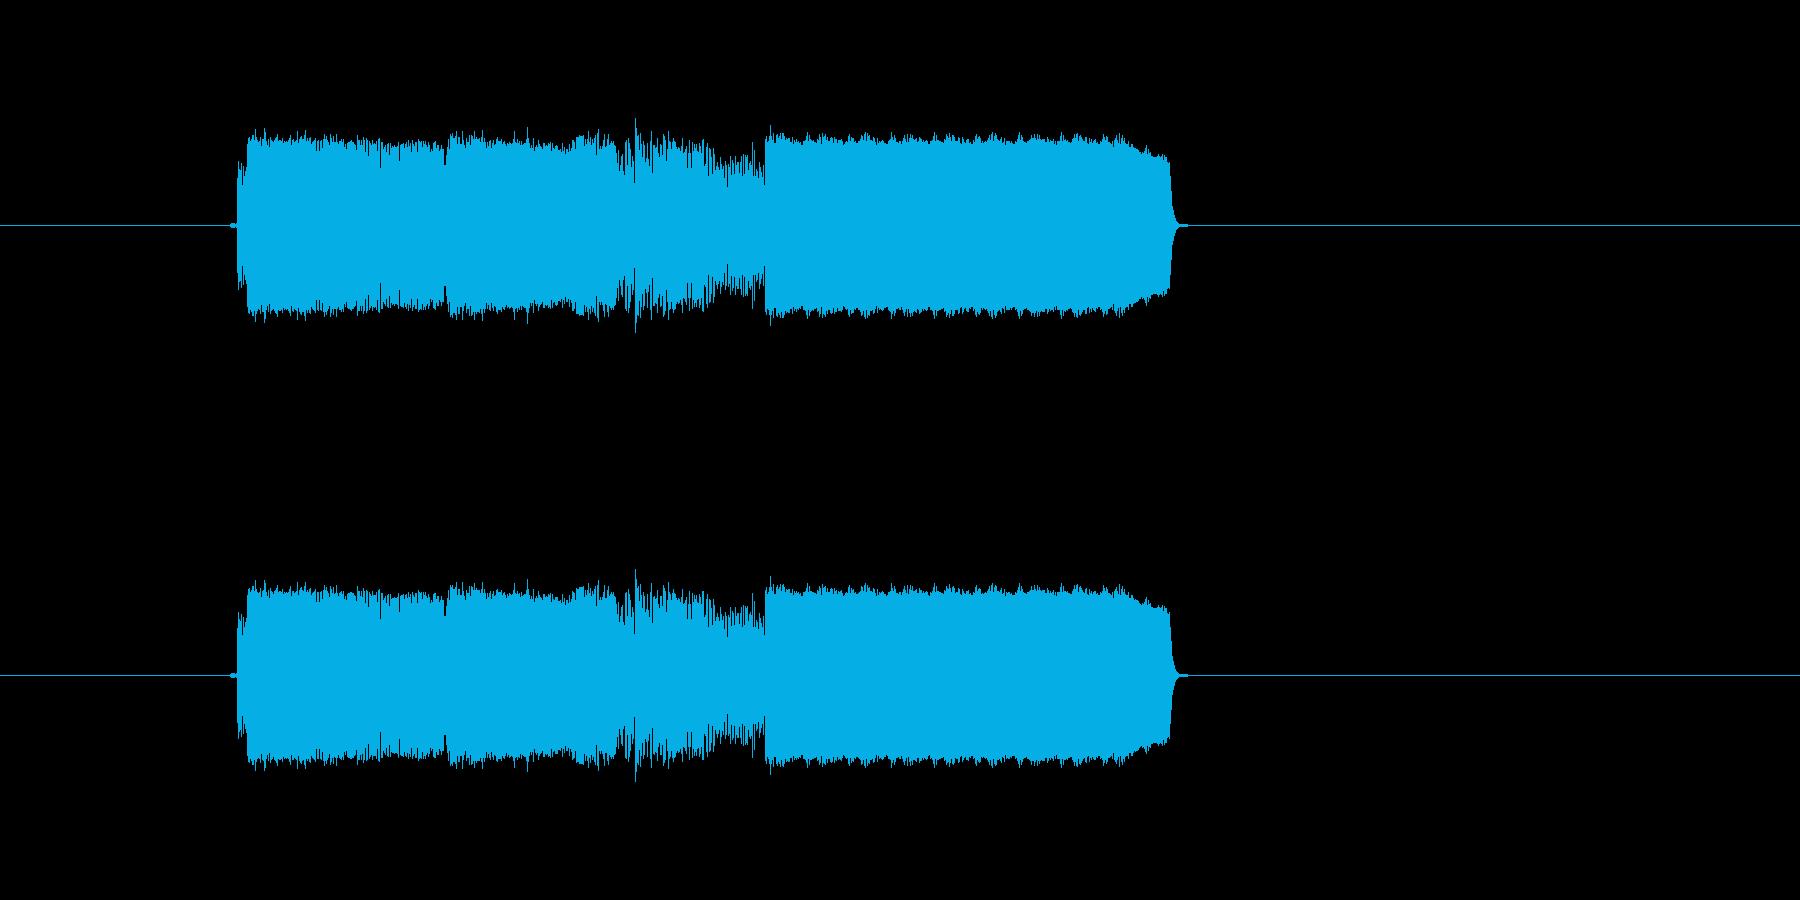 激しいギター音(弦、弾く)の再生済みの波形